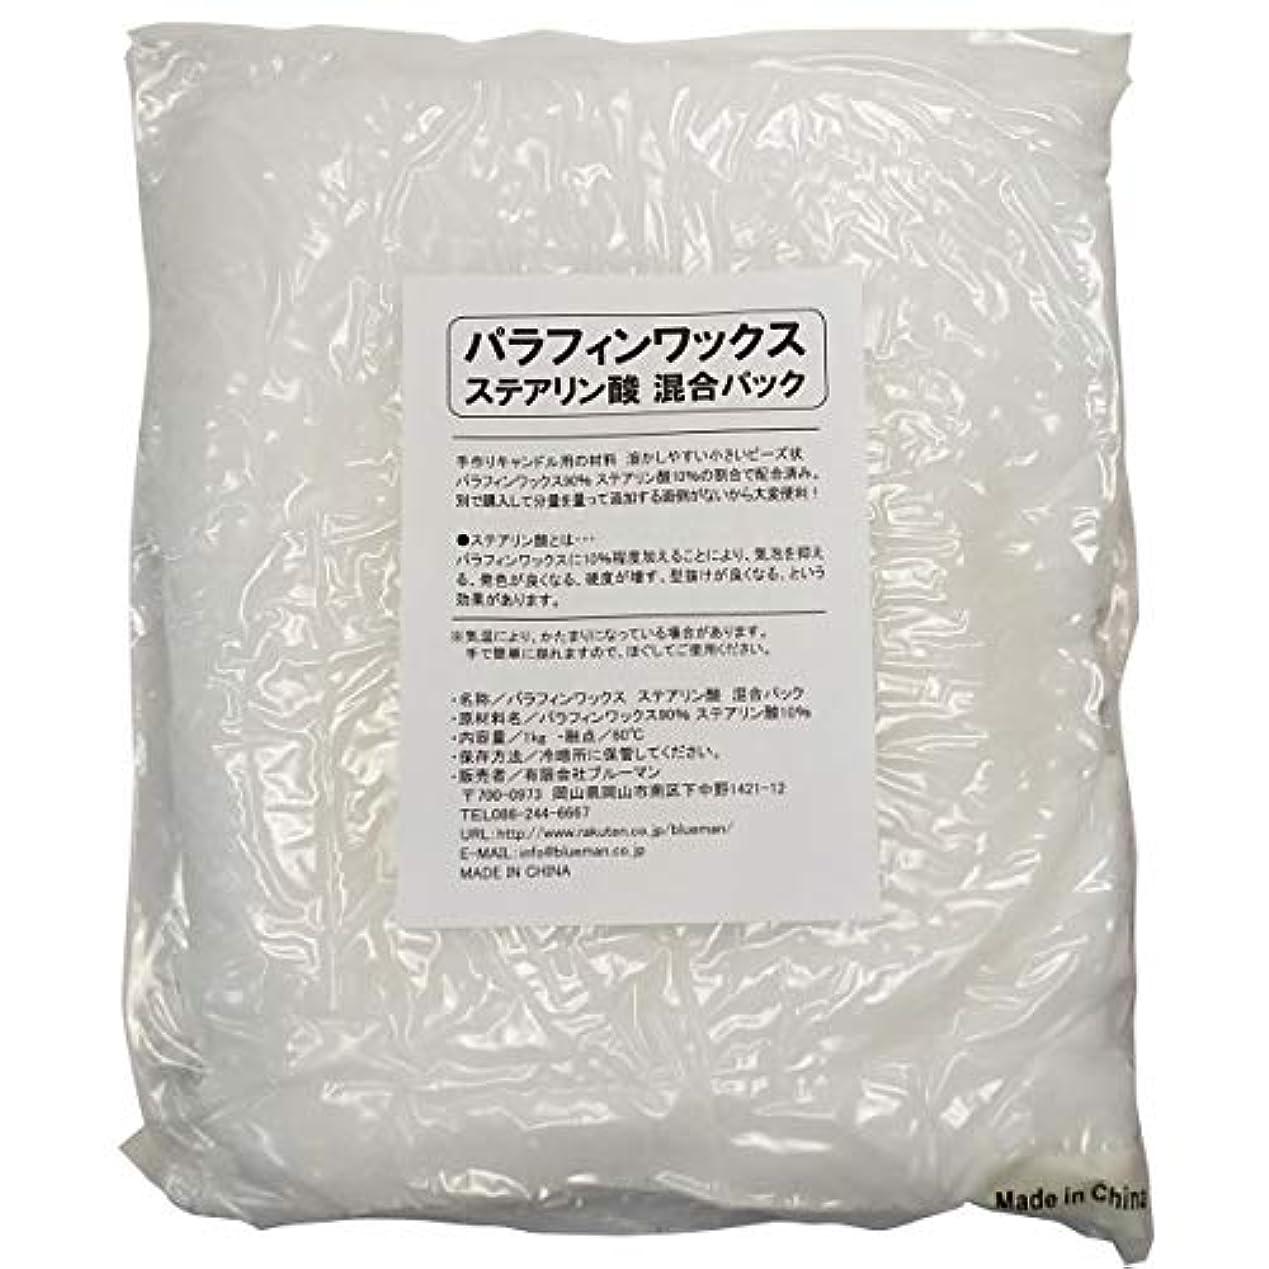 フェロー諸島遷移アイスクリームパラフィンワックス ステアリン酸 混合パック 1kg 手作りキャンドル 材料 1キロ アロマワックスサシェ